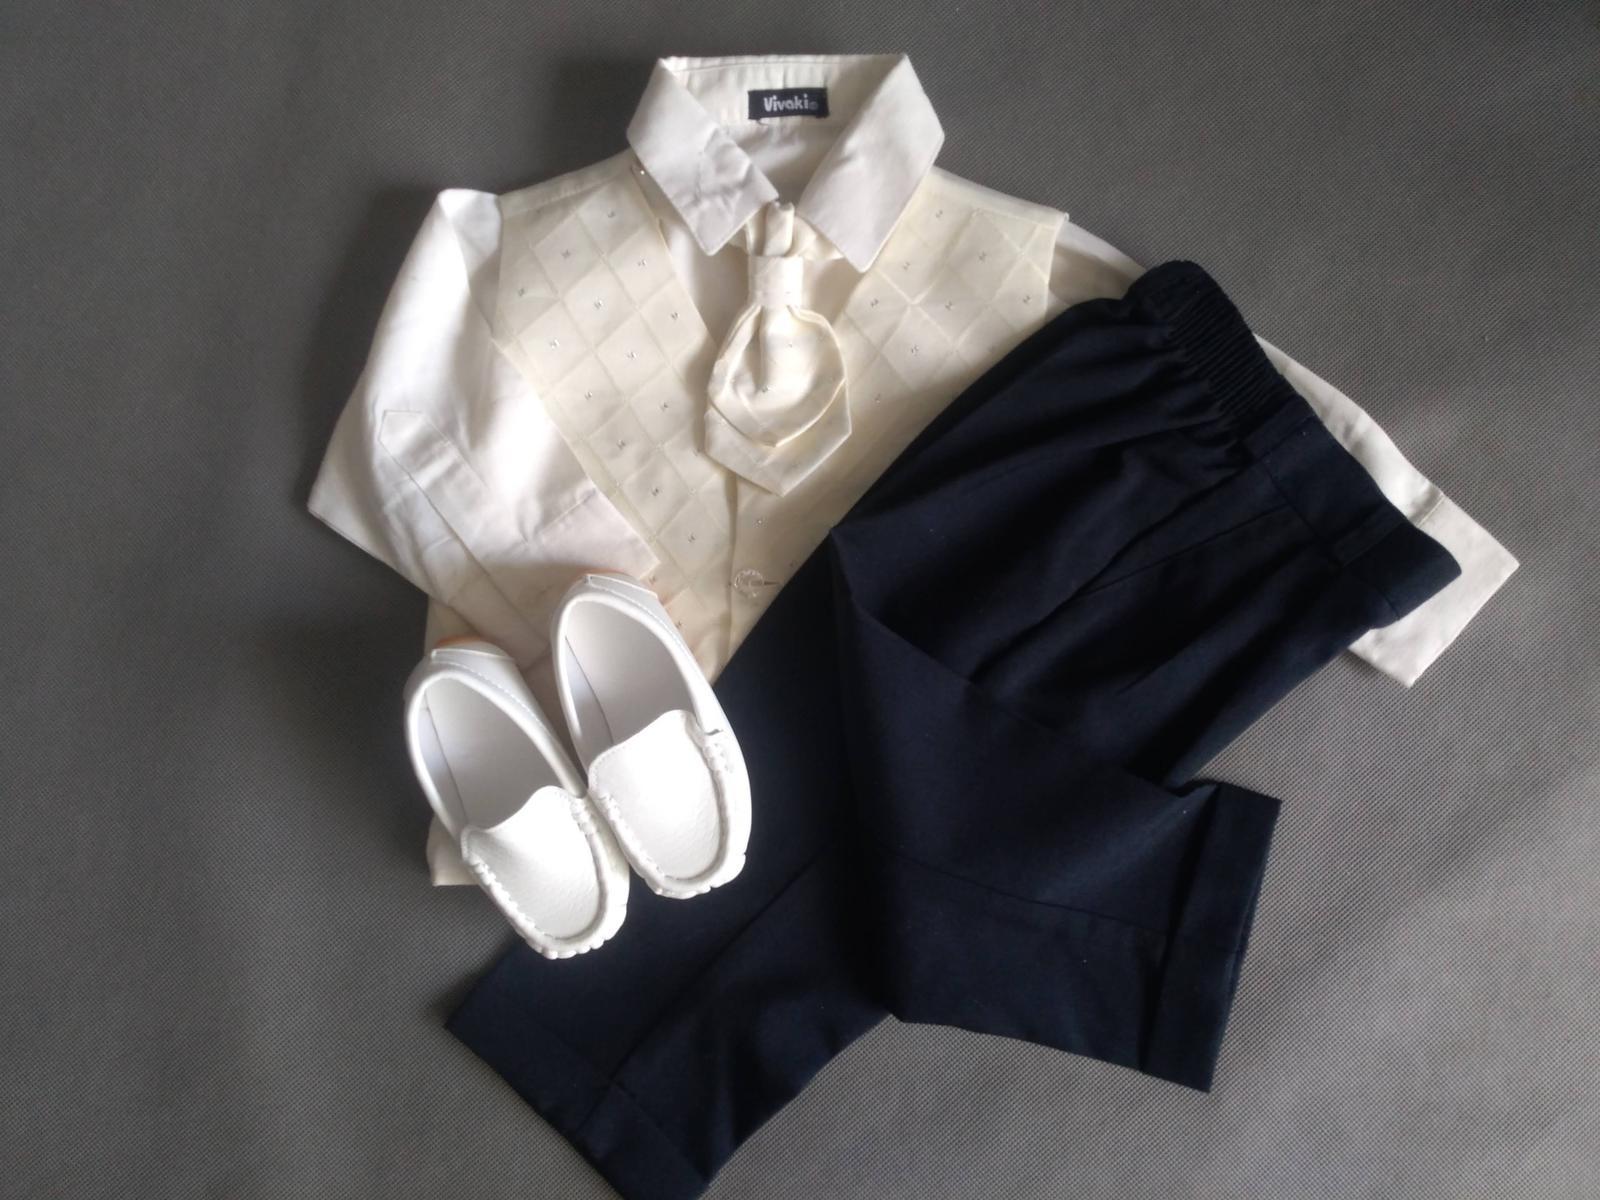 SKLADEM - k zapůjčení ivory oblek 9-12 měsíců - Obrázek č. 1